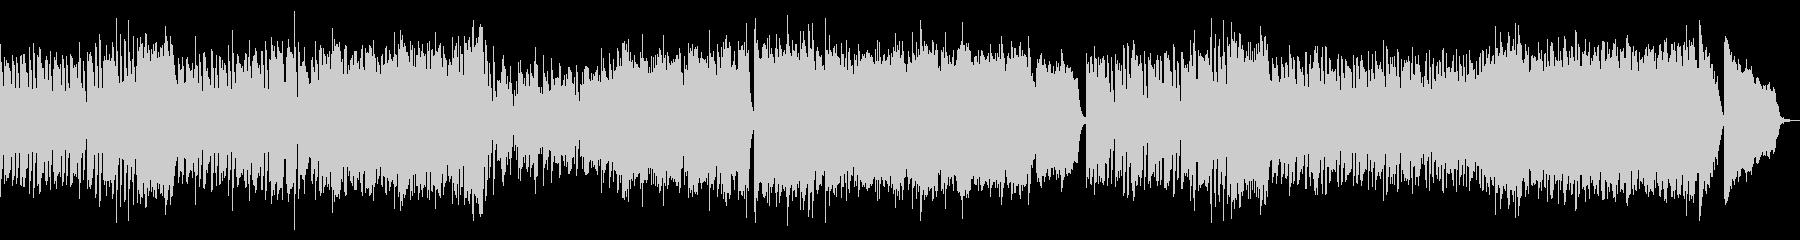 ラグタイム風ピアノBGMの未再生の波形